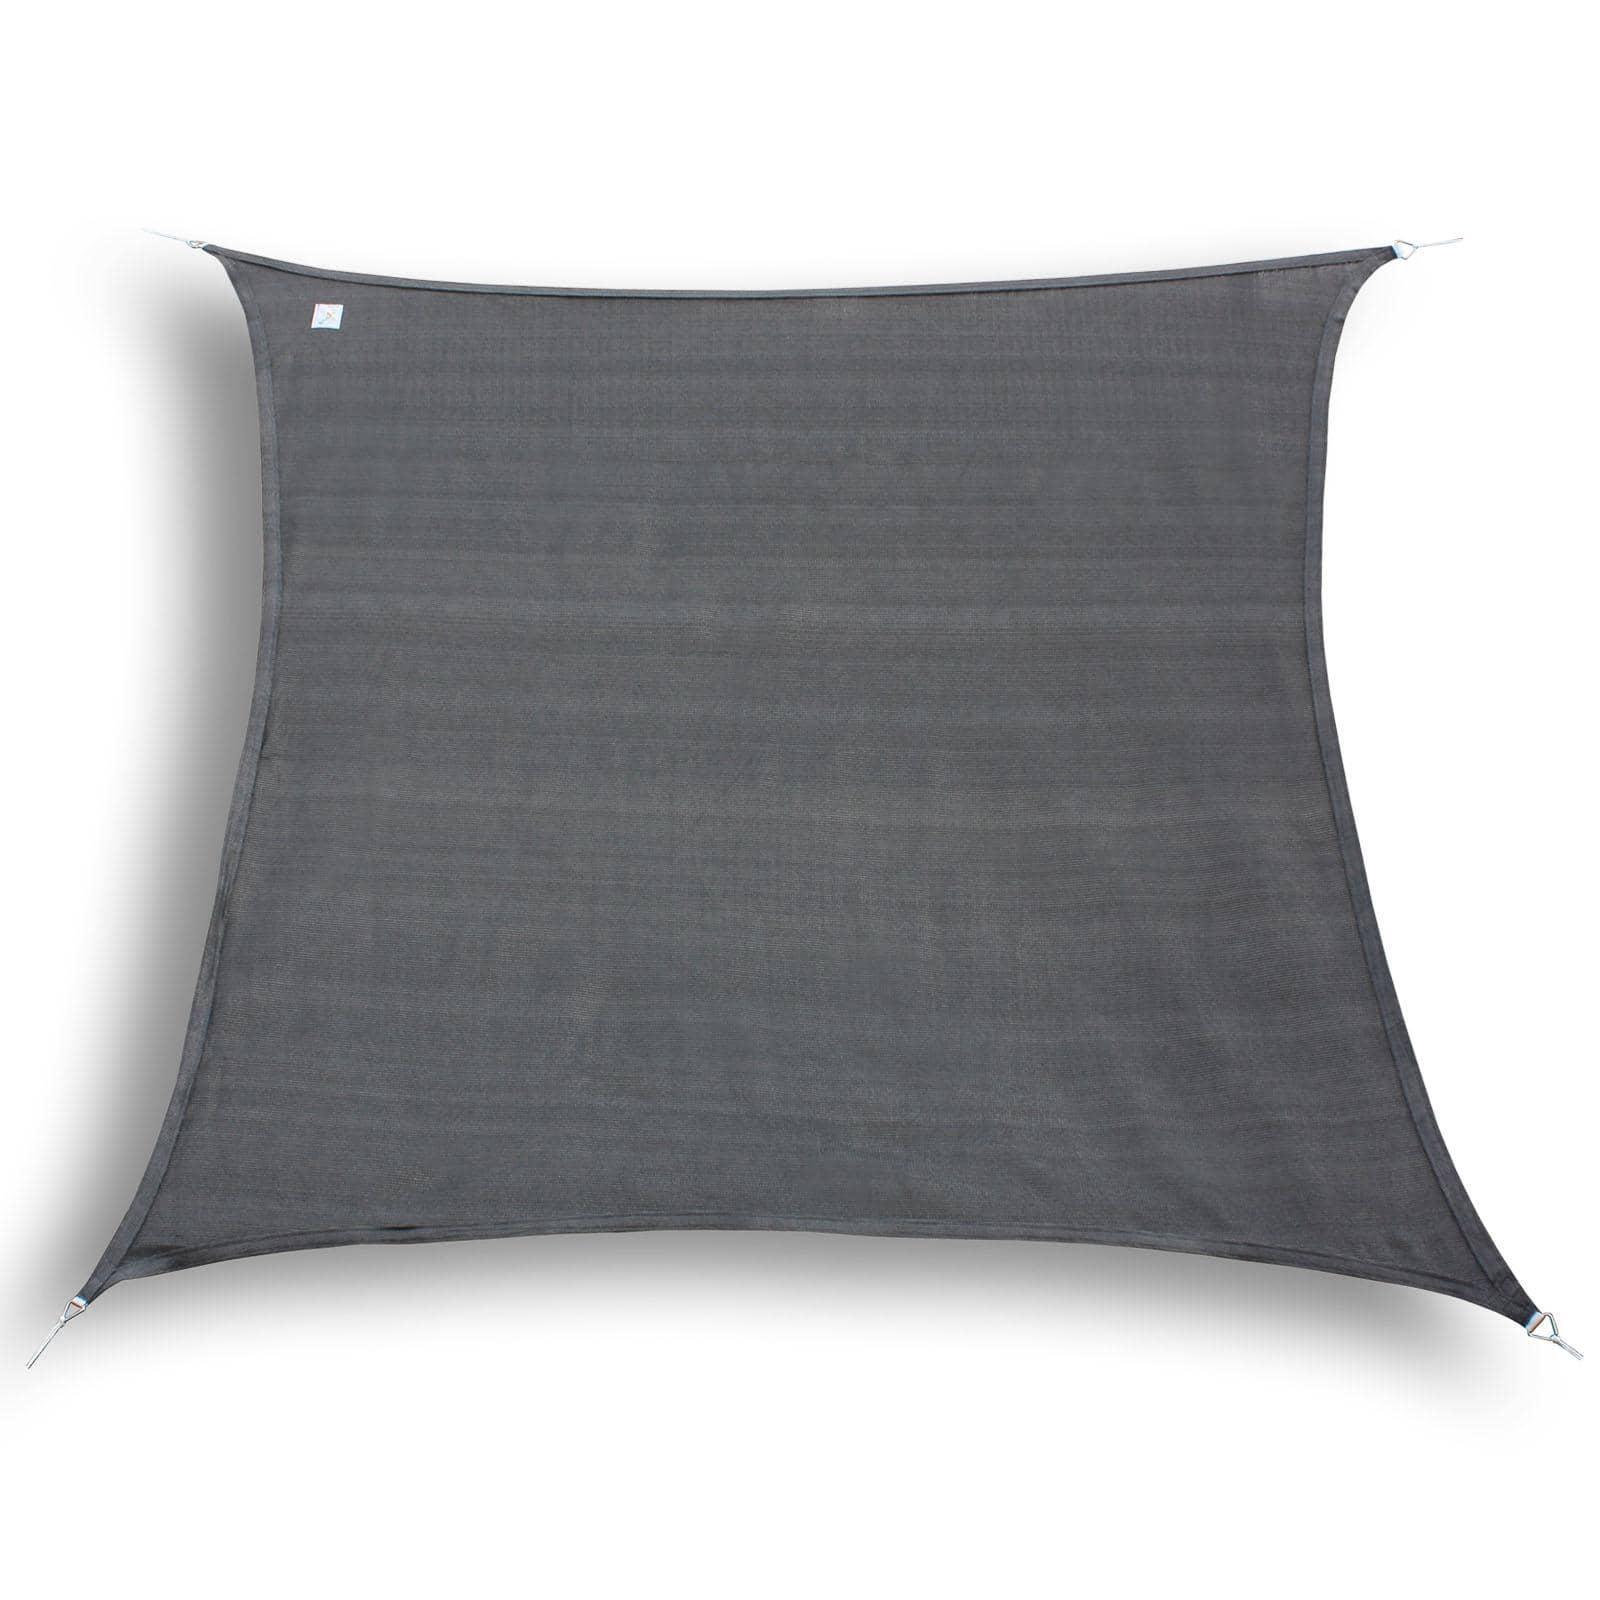 hanSe® Schaduwdoek Vierkant Waterdoorlatend 3x3 m - zonnedoek - Grijs